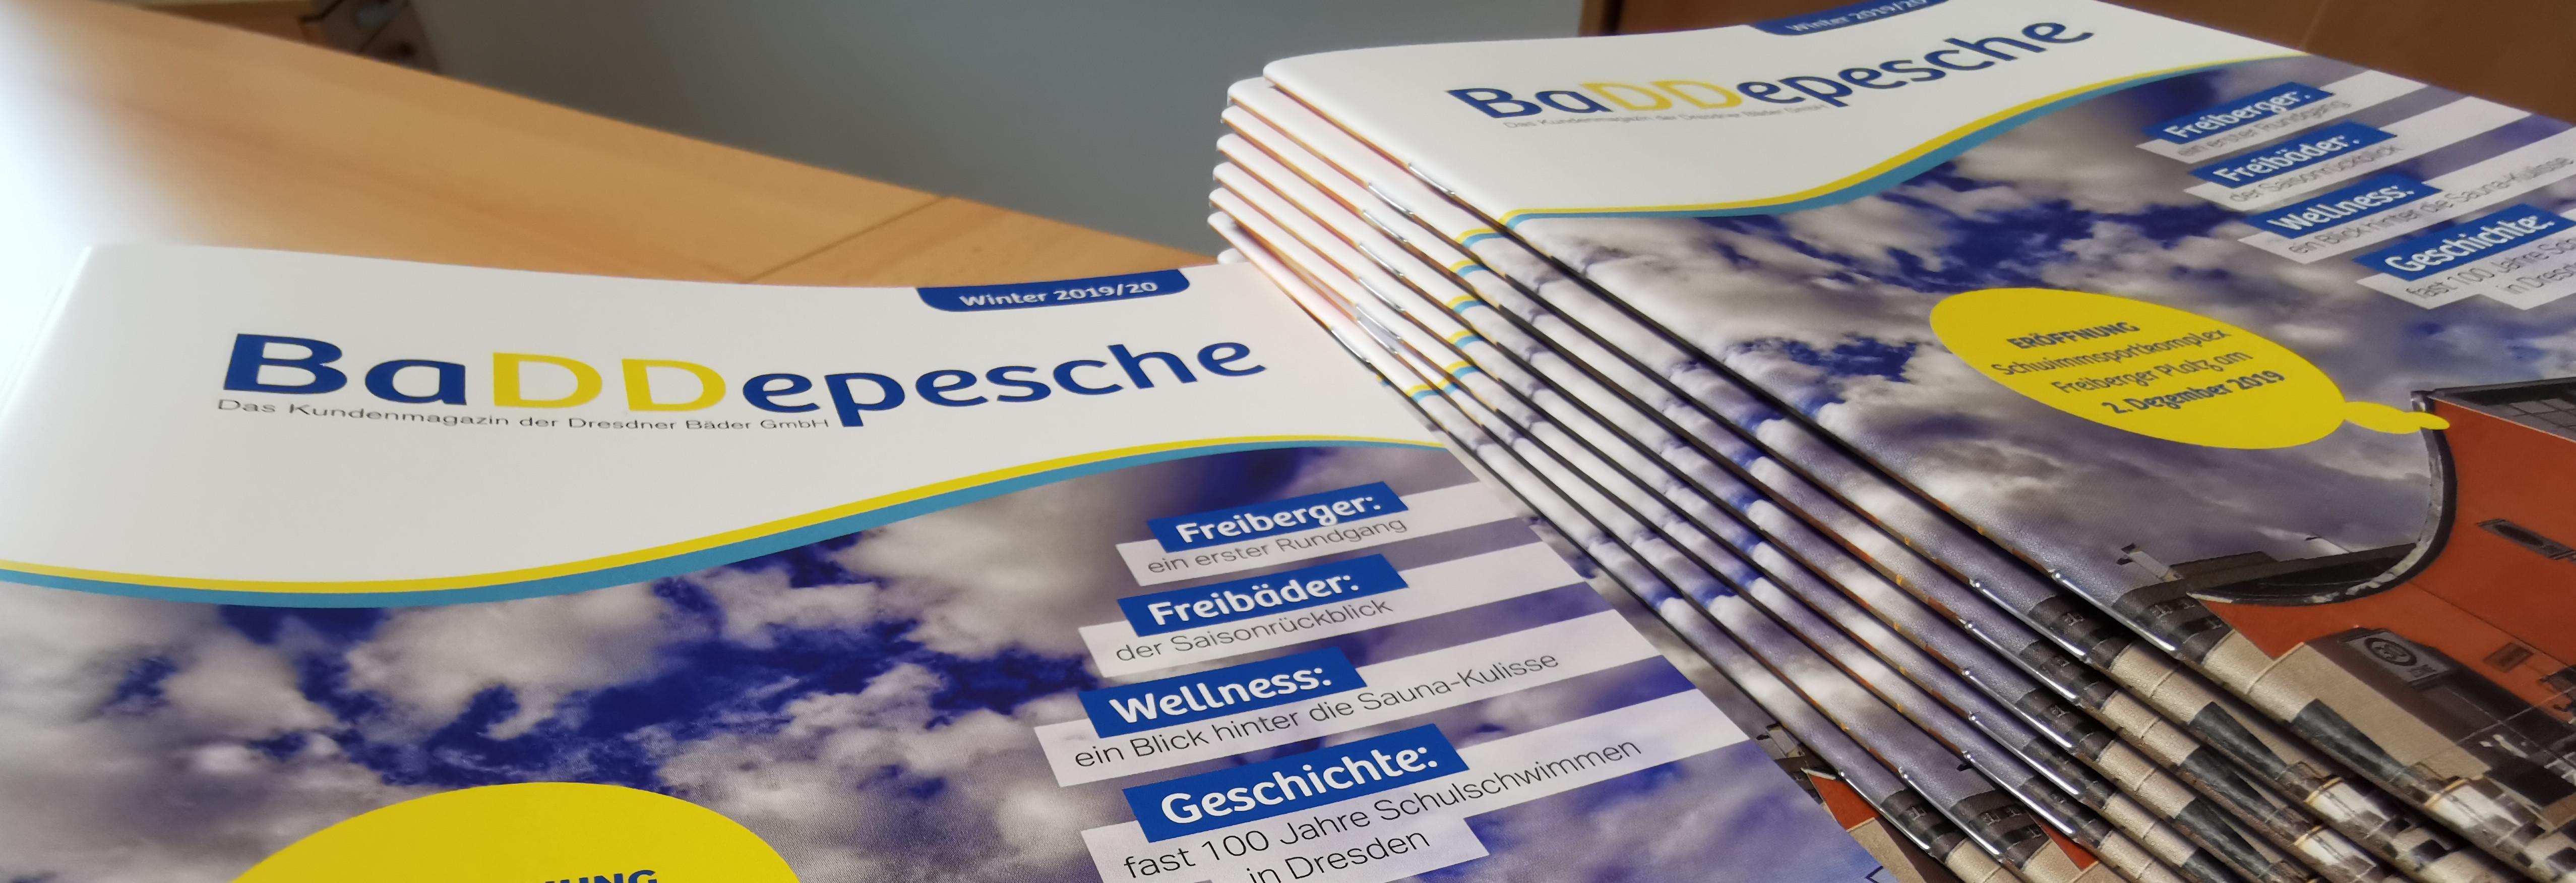 Kundenmagazin Dresdner Bäder